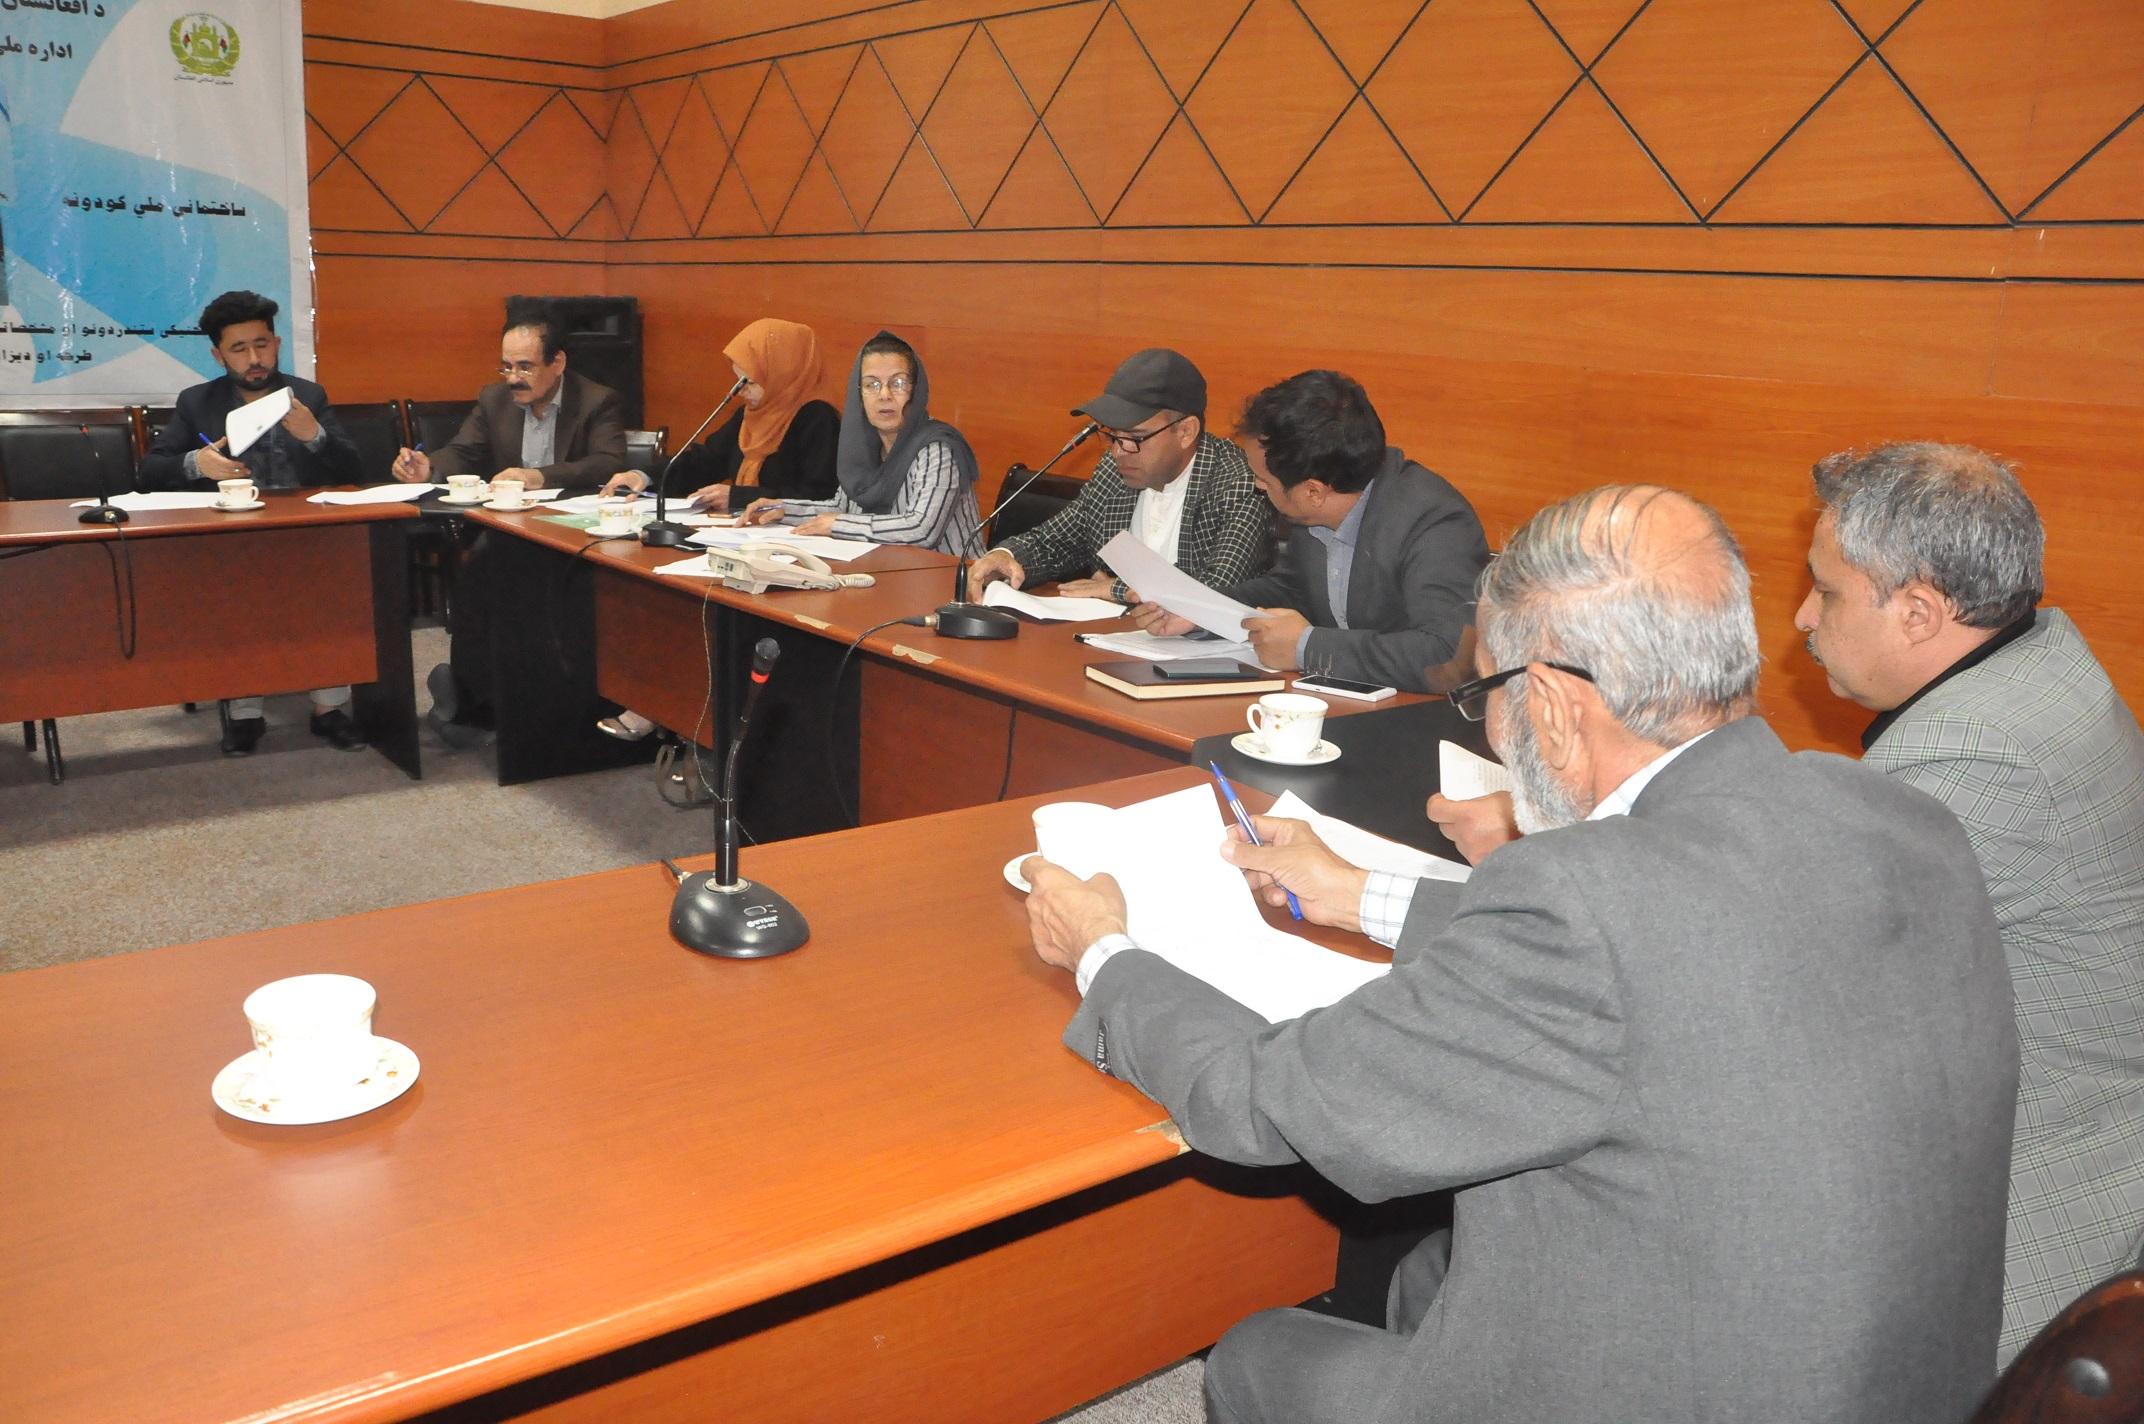 کمیته تخنیکی تدوین ستندرد های کیمیاوی و پلاستیک دایر گردید